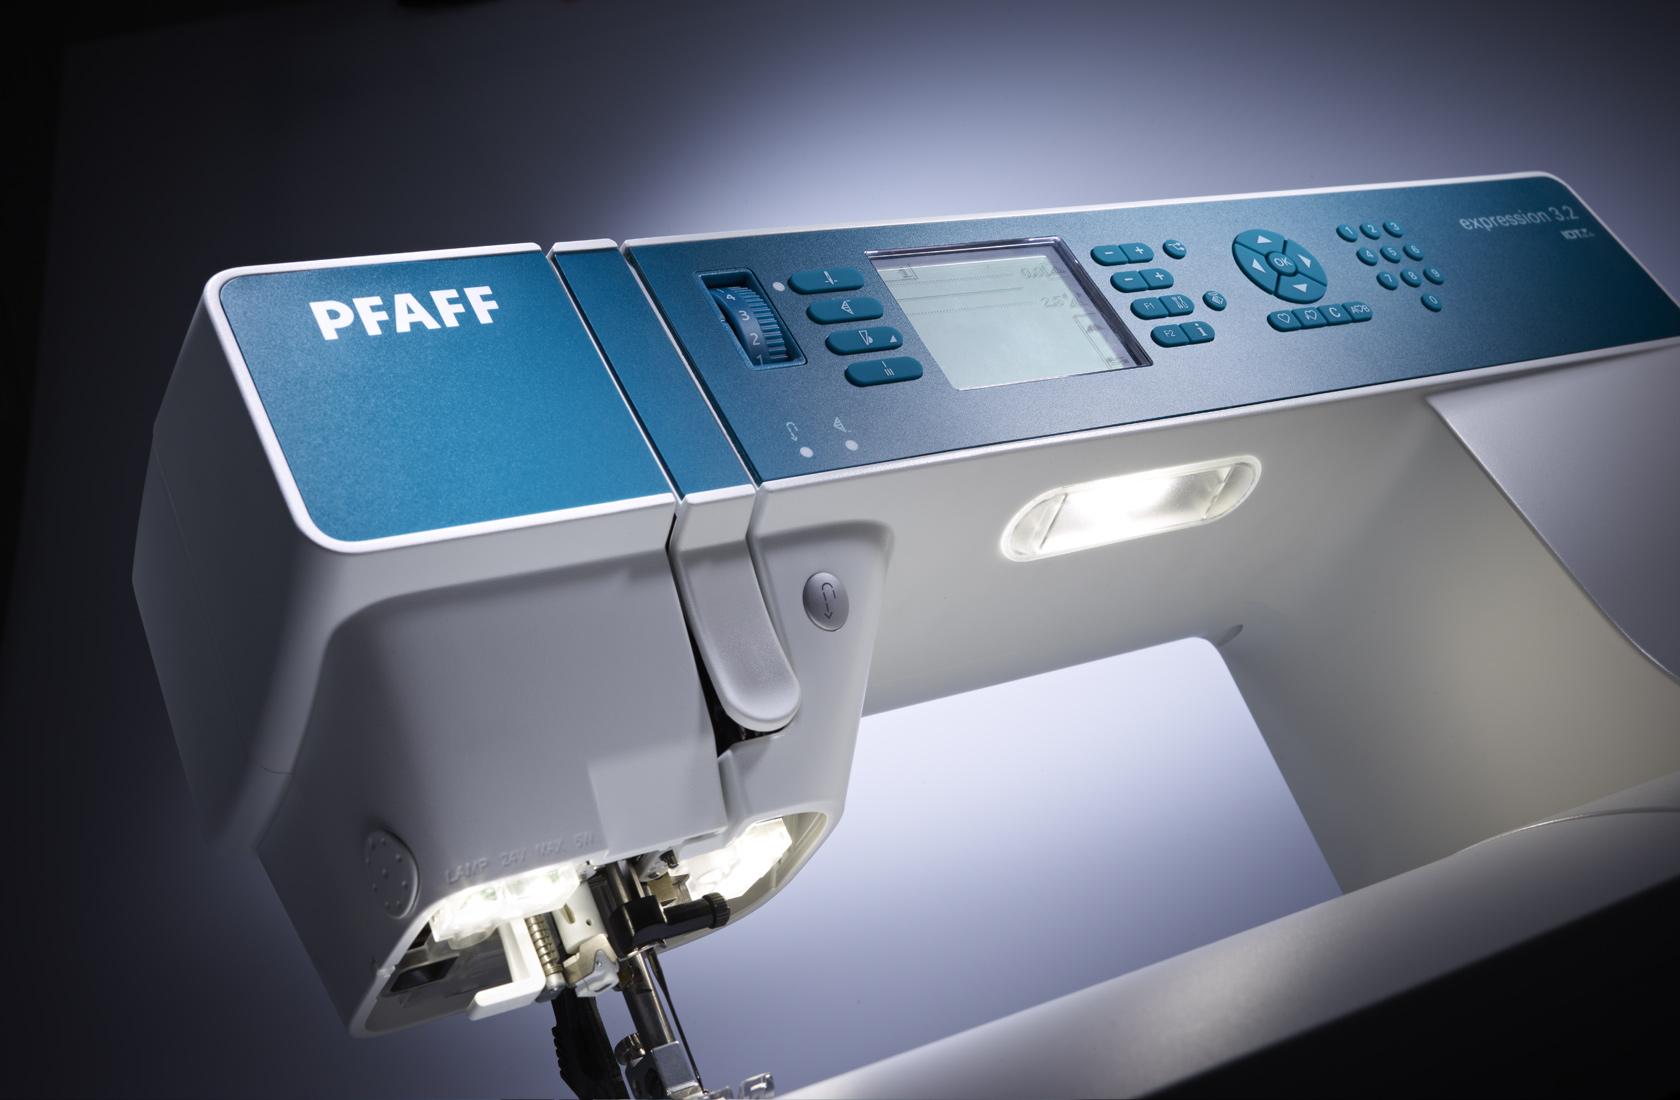 Pfaff expression 3 2 macchine per cucire elettroniche for Pfaff macchine per cucire